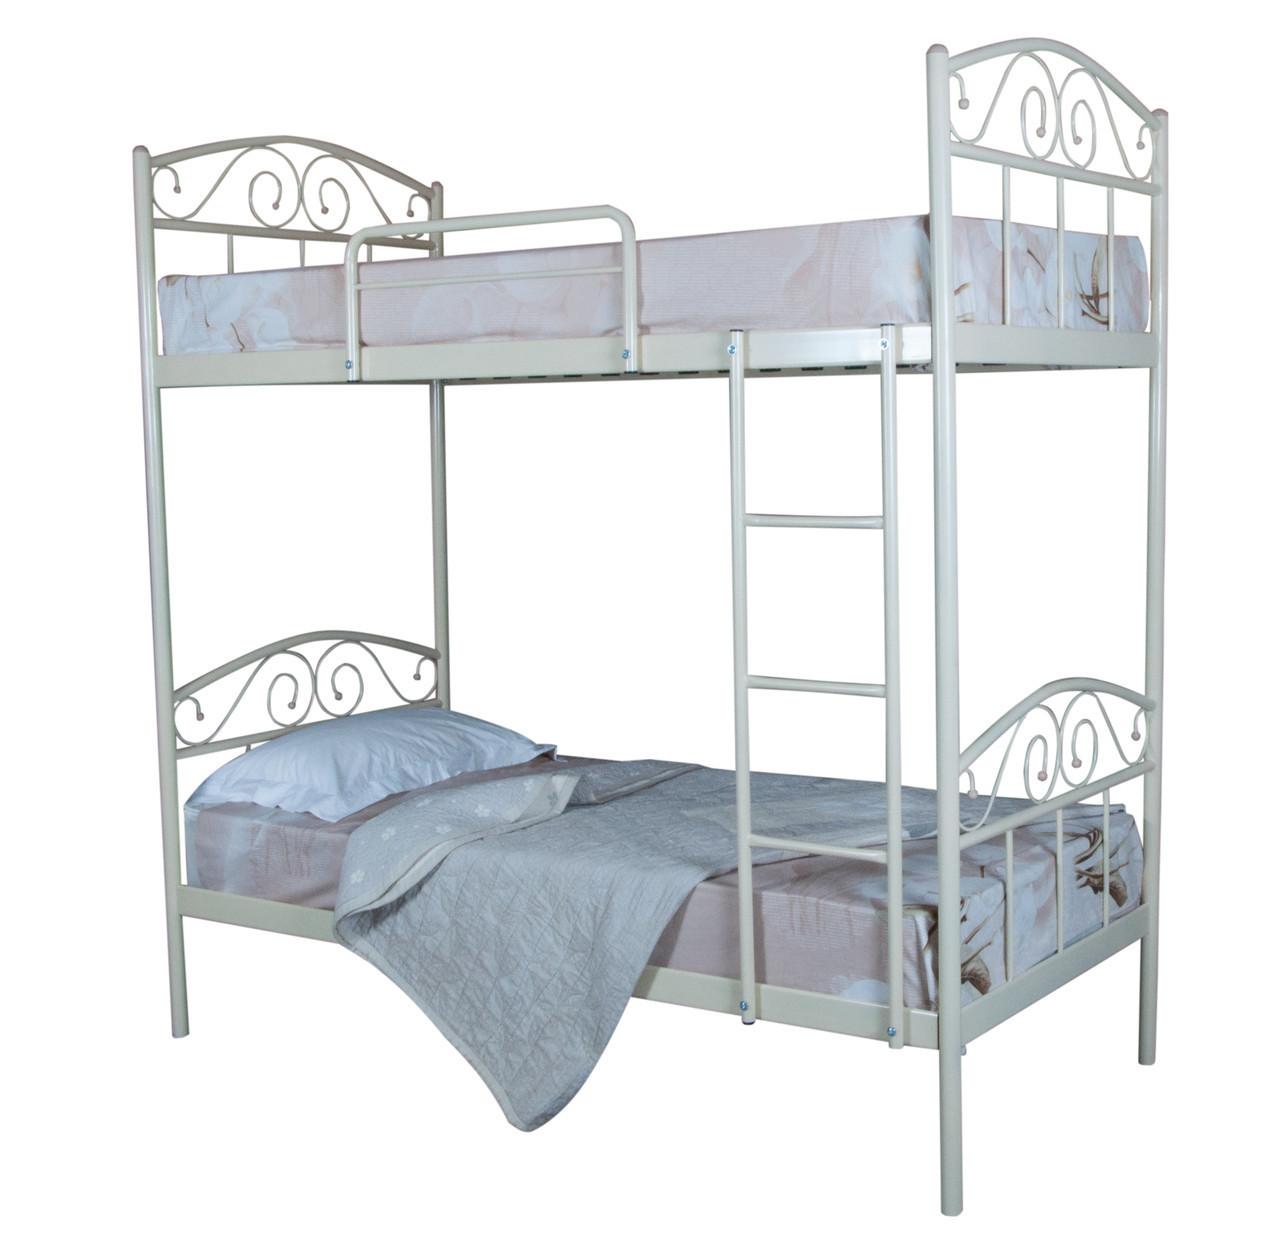 Кровать Элис Люкс двухъярусная 200х90, черная